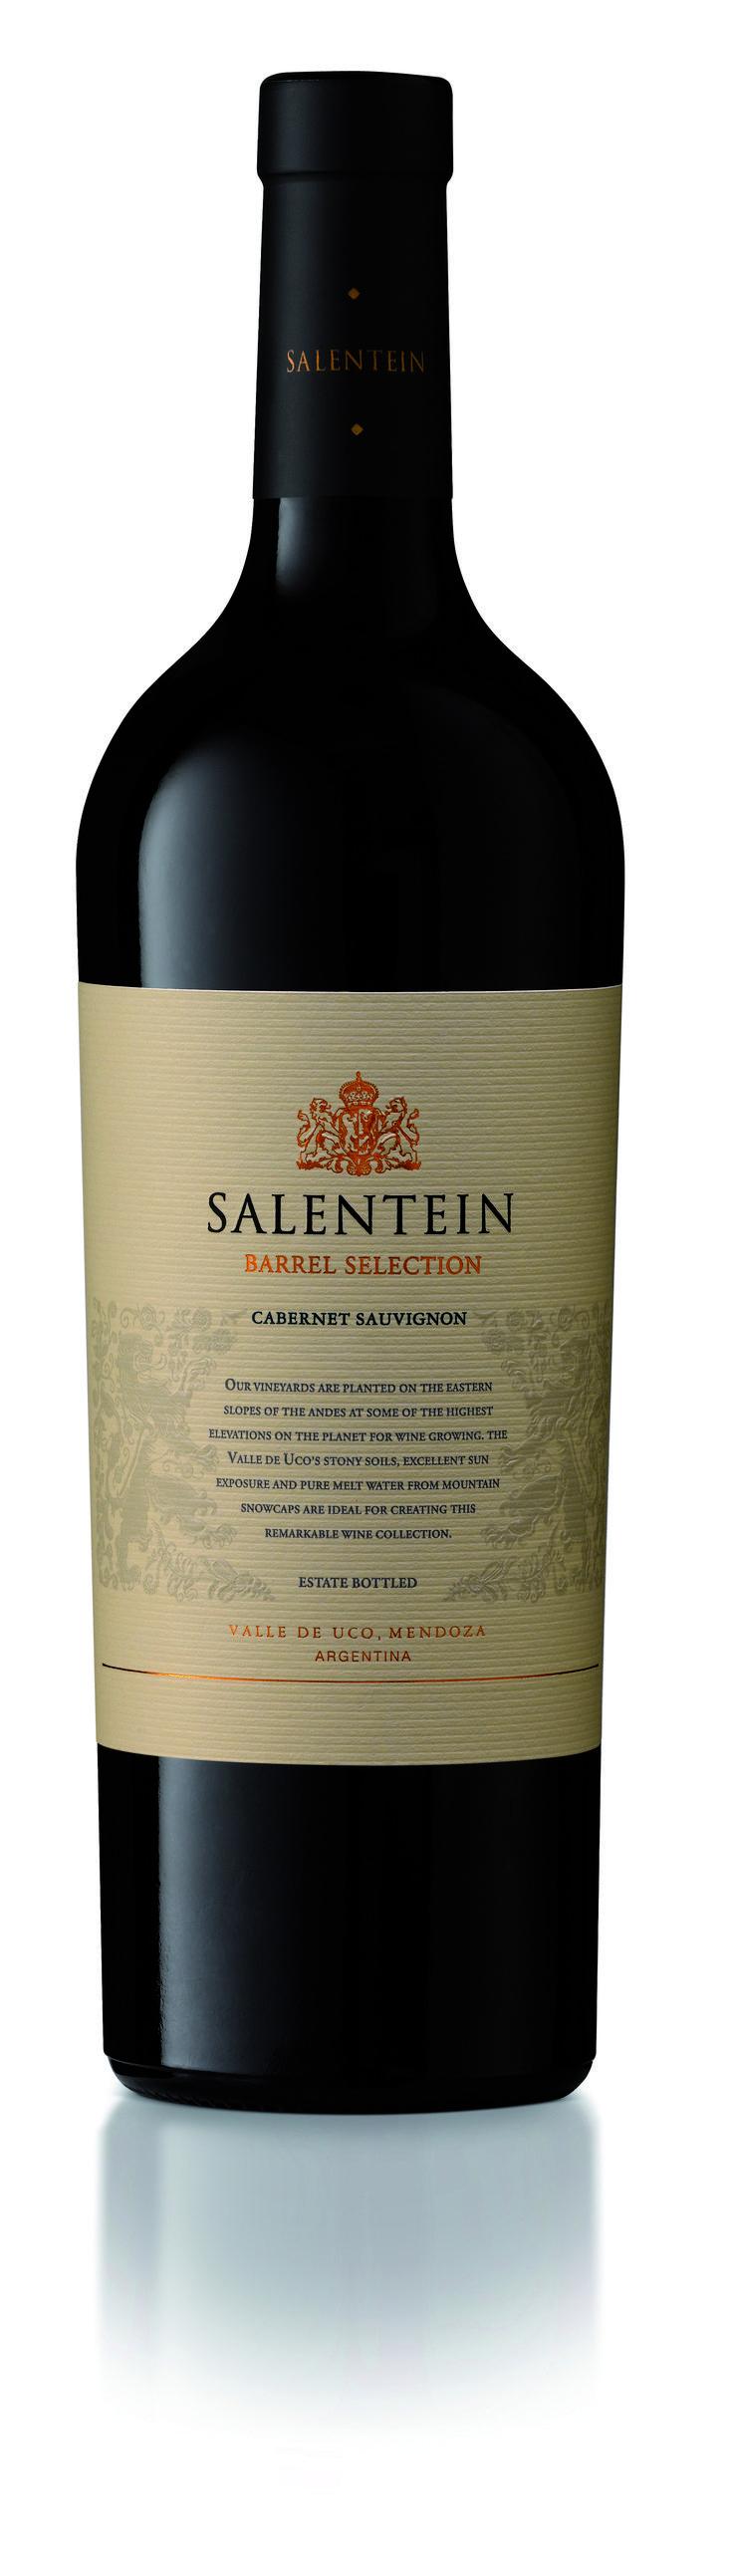 Salentein Barrel Selection Cabernet Sauvignon -  Land: Argentinië -  Streek: Mendoza -  Appellatie: Alto Valle de Uco, Mendoza - Wijnhuis: Bodegas Salentein - Wijnsoort: Rode wijnen - Jaar: 2011 - Inhoud: 75 cl Alcoholpercentage: 14,5% -  Druivensoort(en): 100% Cabernet Sauvignon